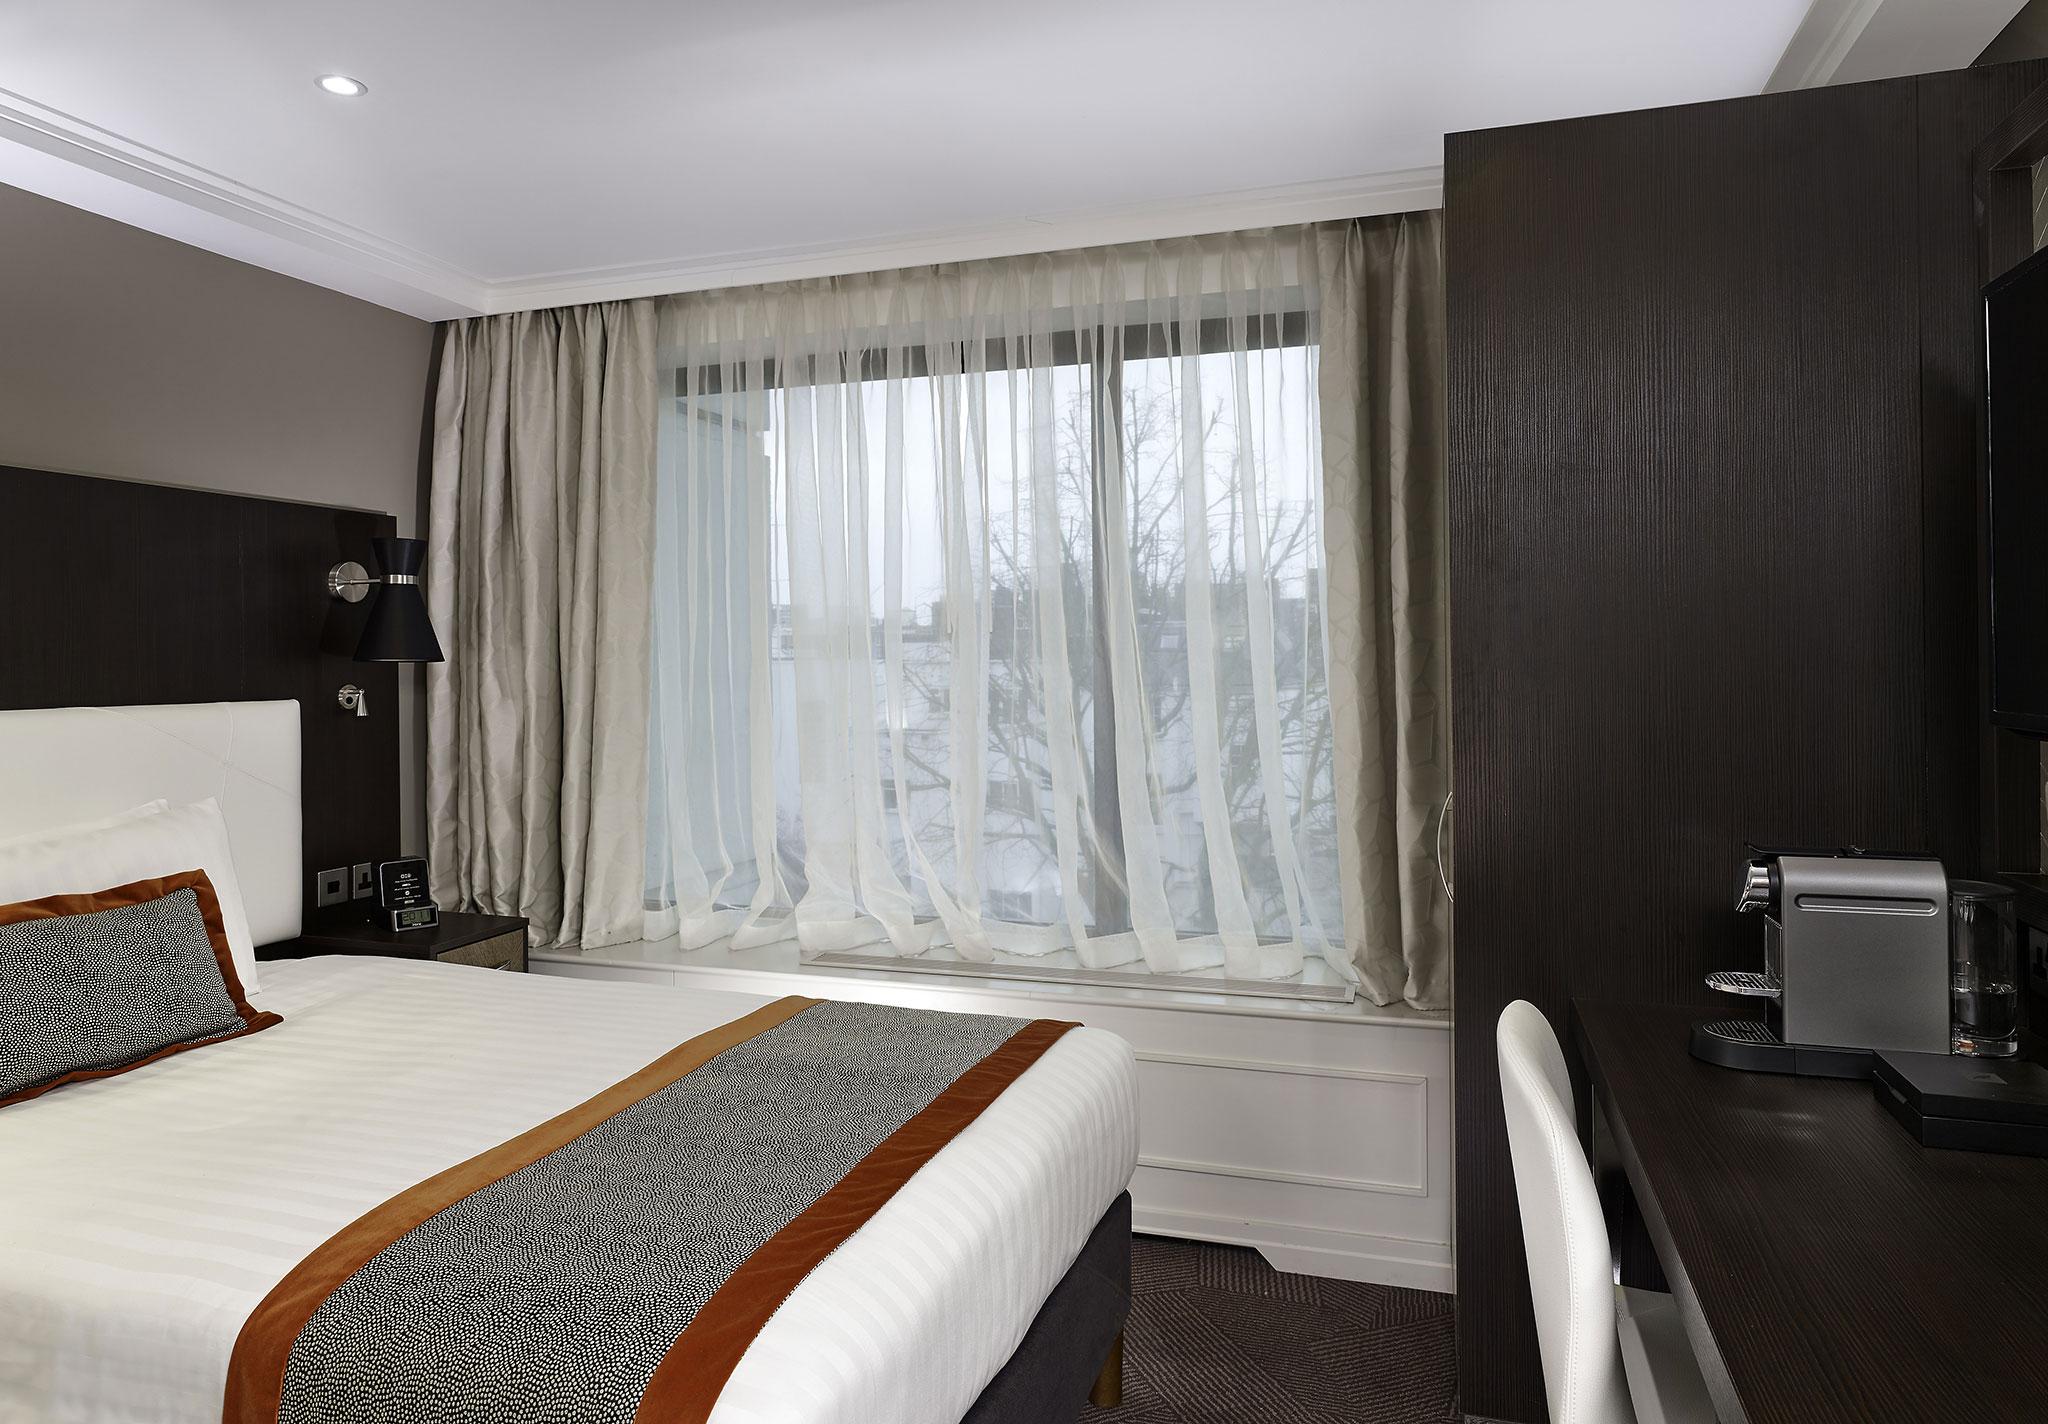 Chambre Simple Ou Double Hotel ~ Meilleures Idées Pour Votre Maison ...